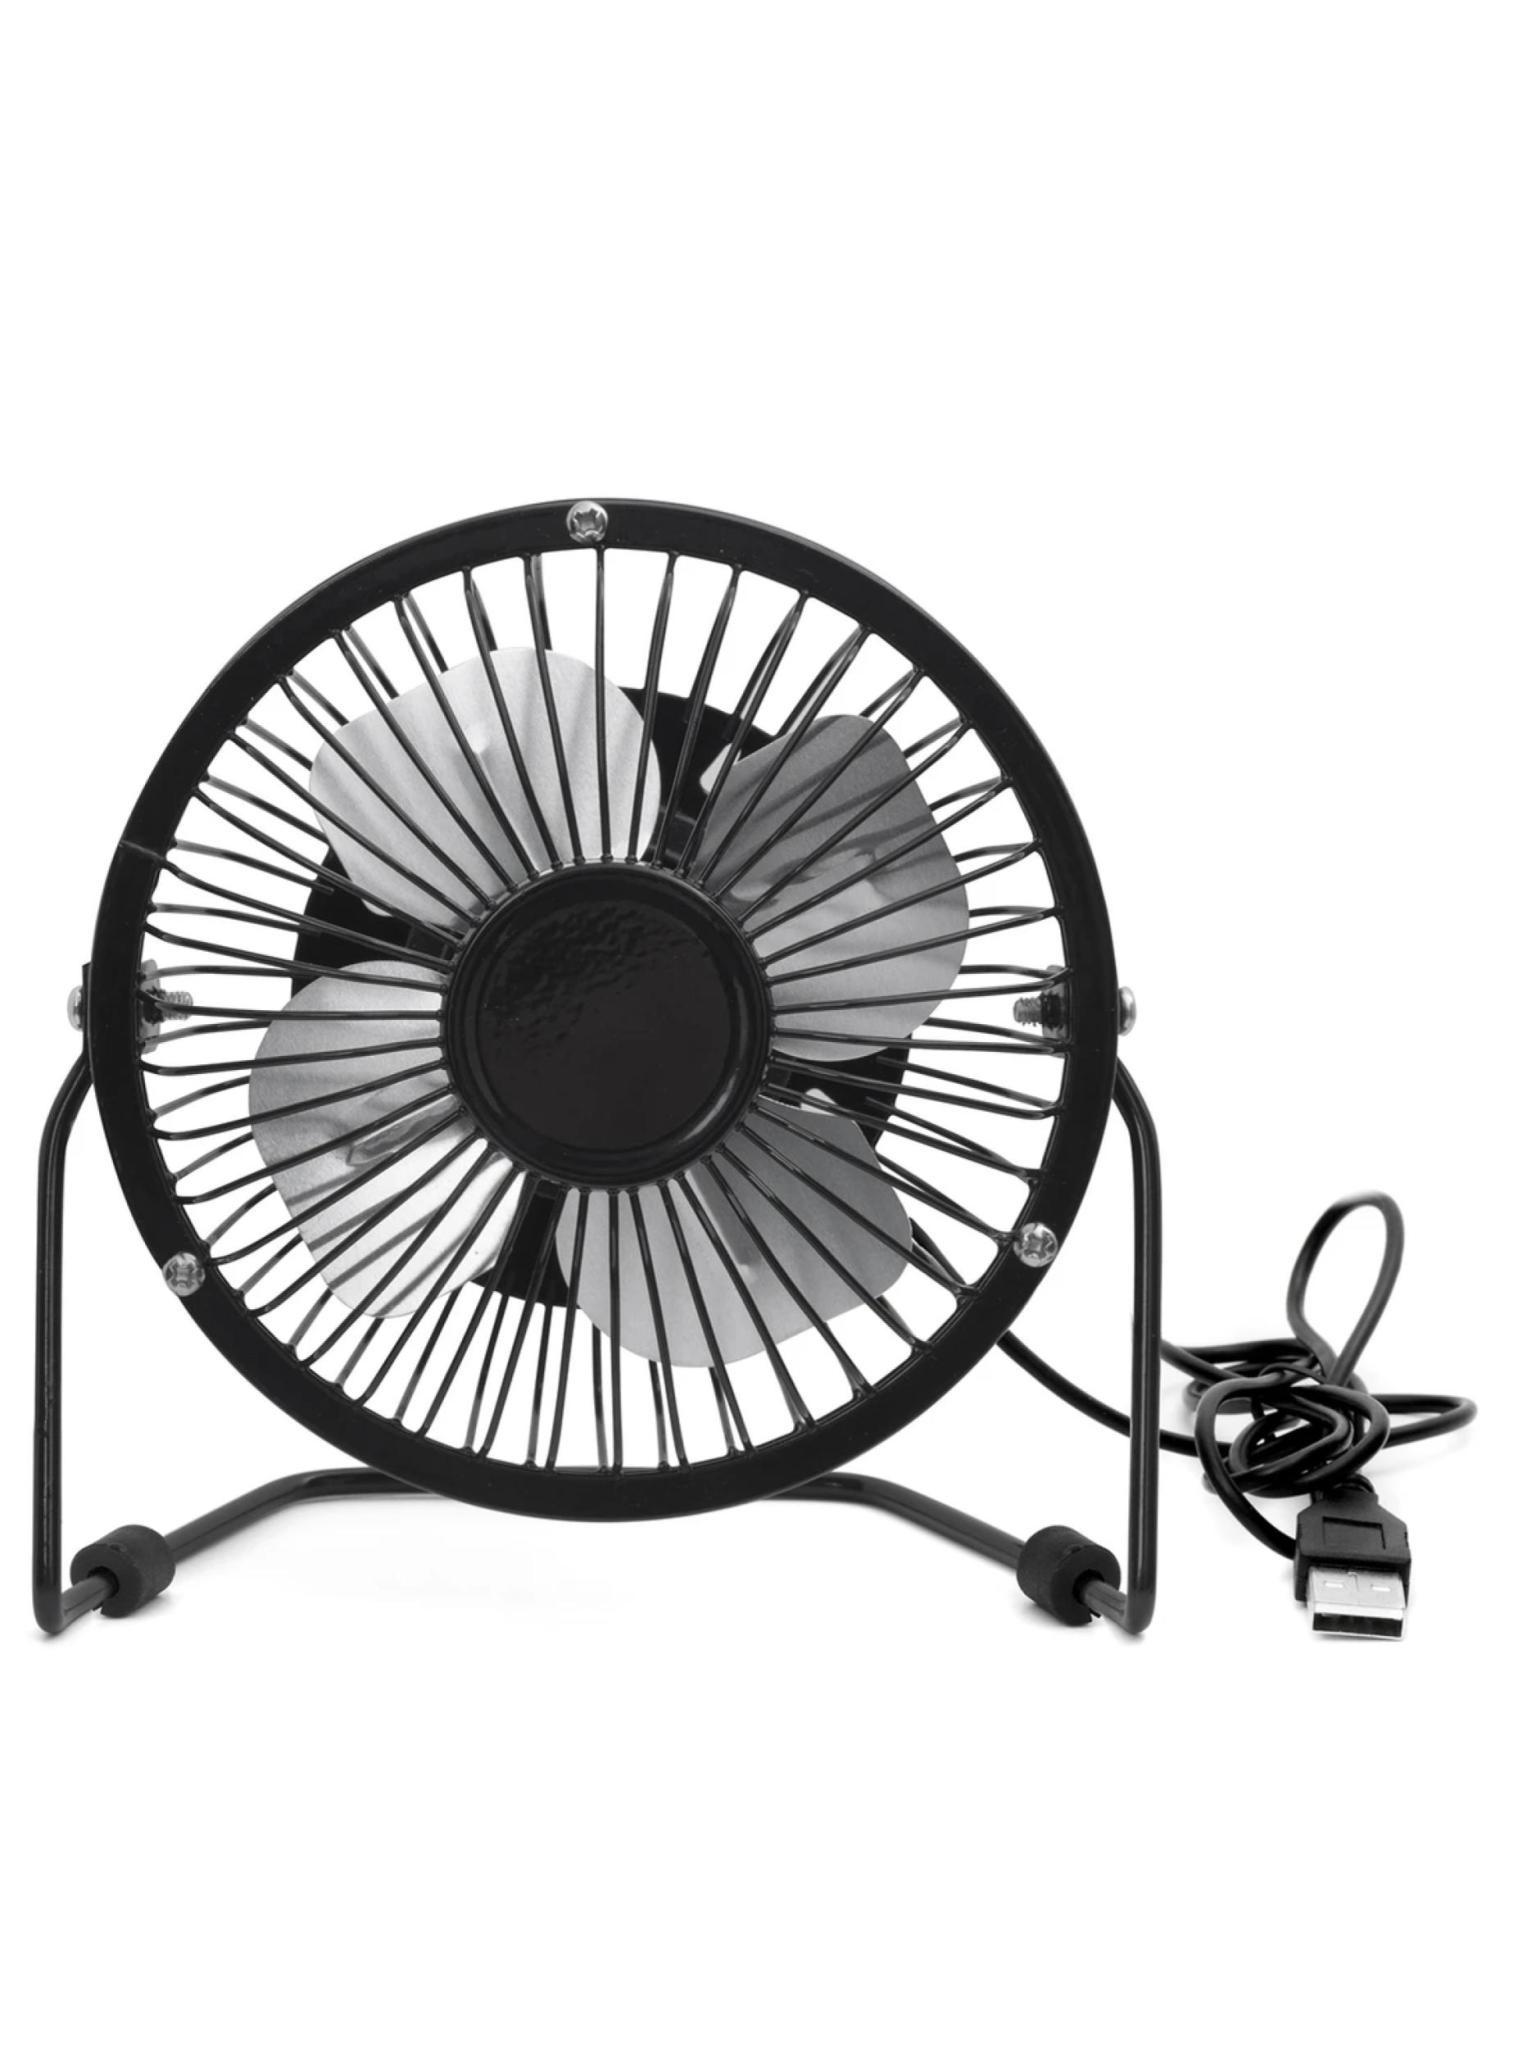 Kikkerland USB Black Metal Desk Fan